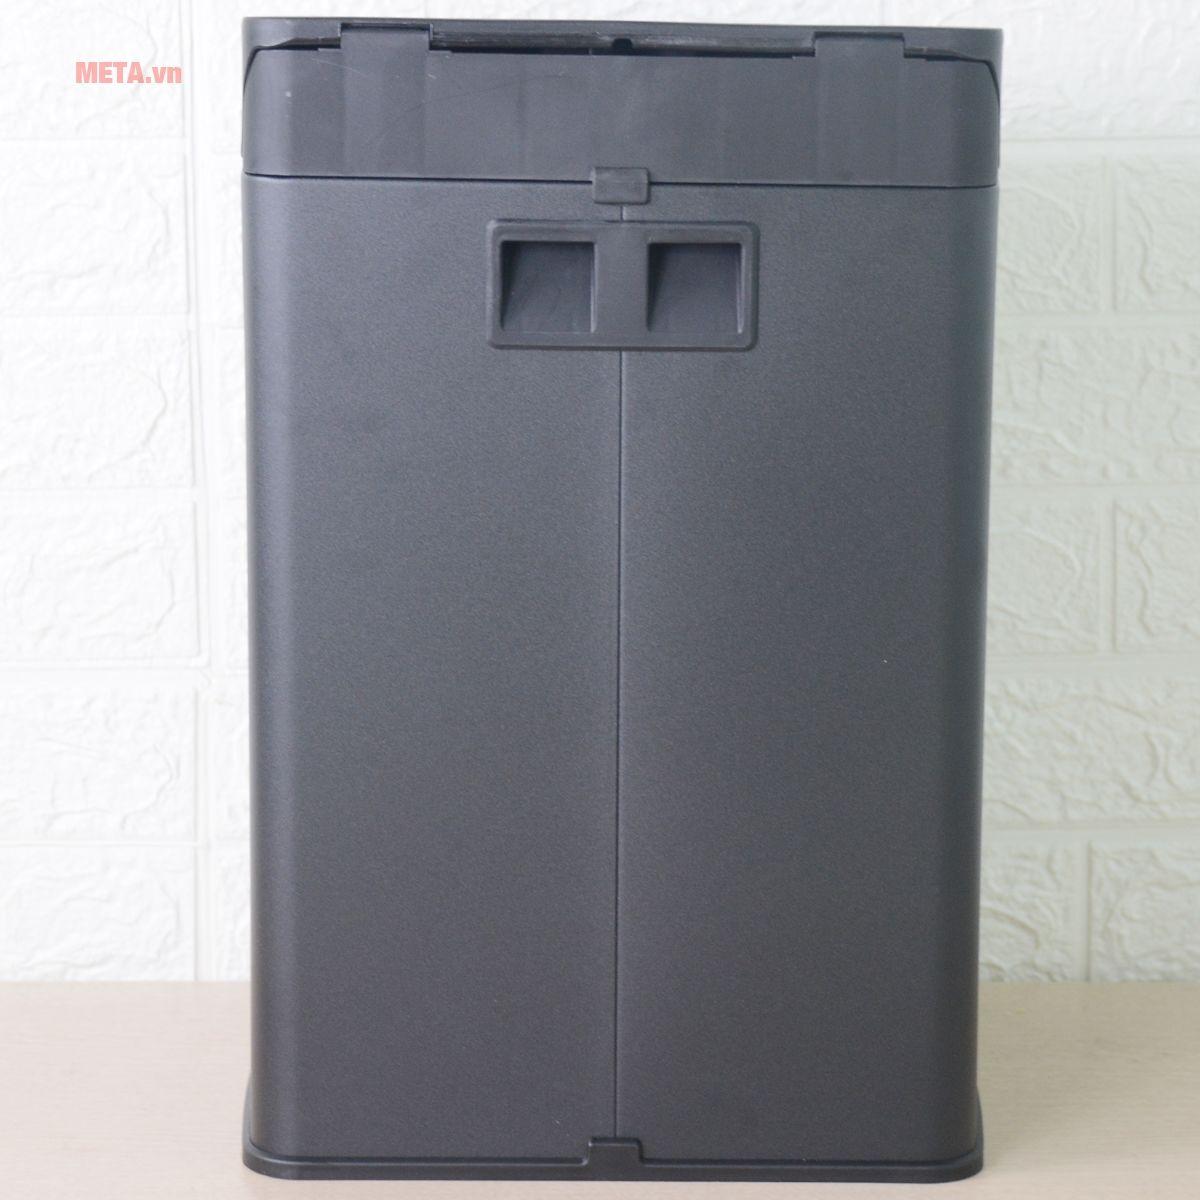 Mặt sau của thùng rác inox đạp vuông nhỏ Fitis SPS1-903